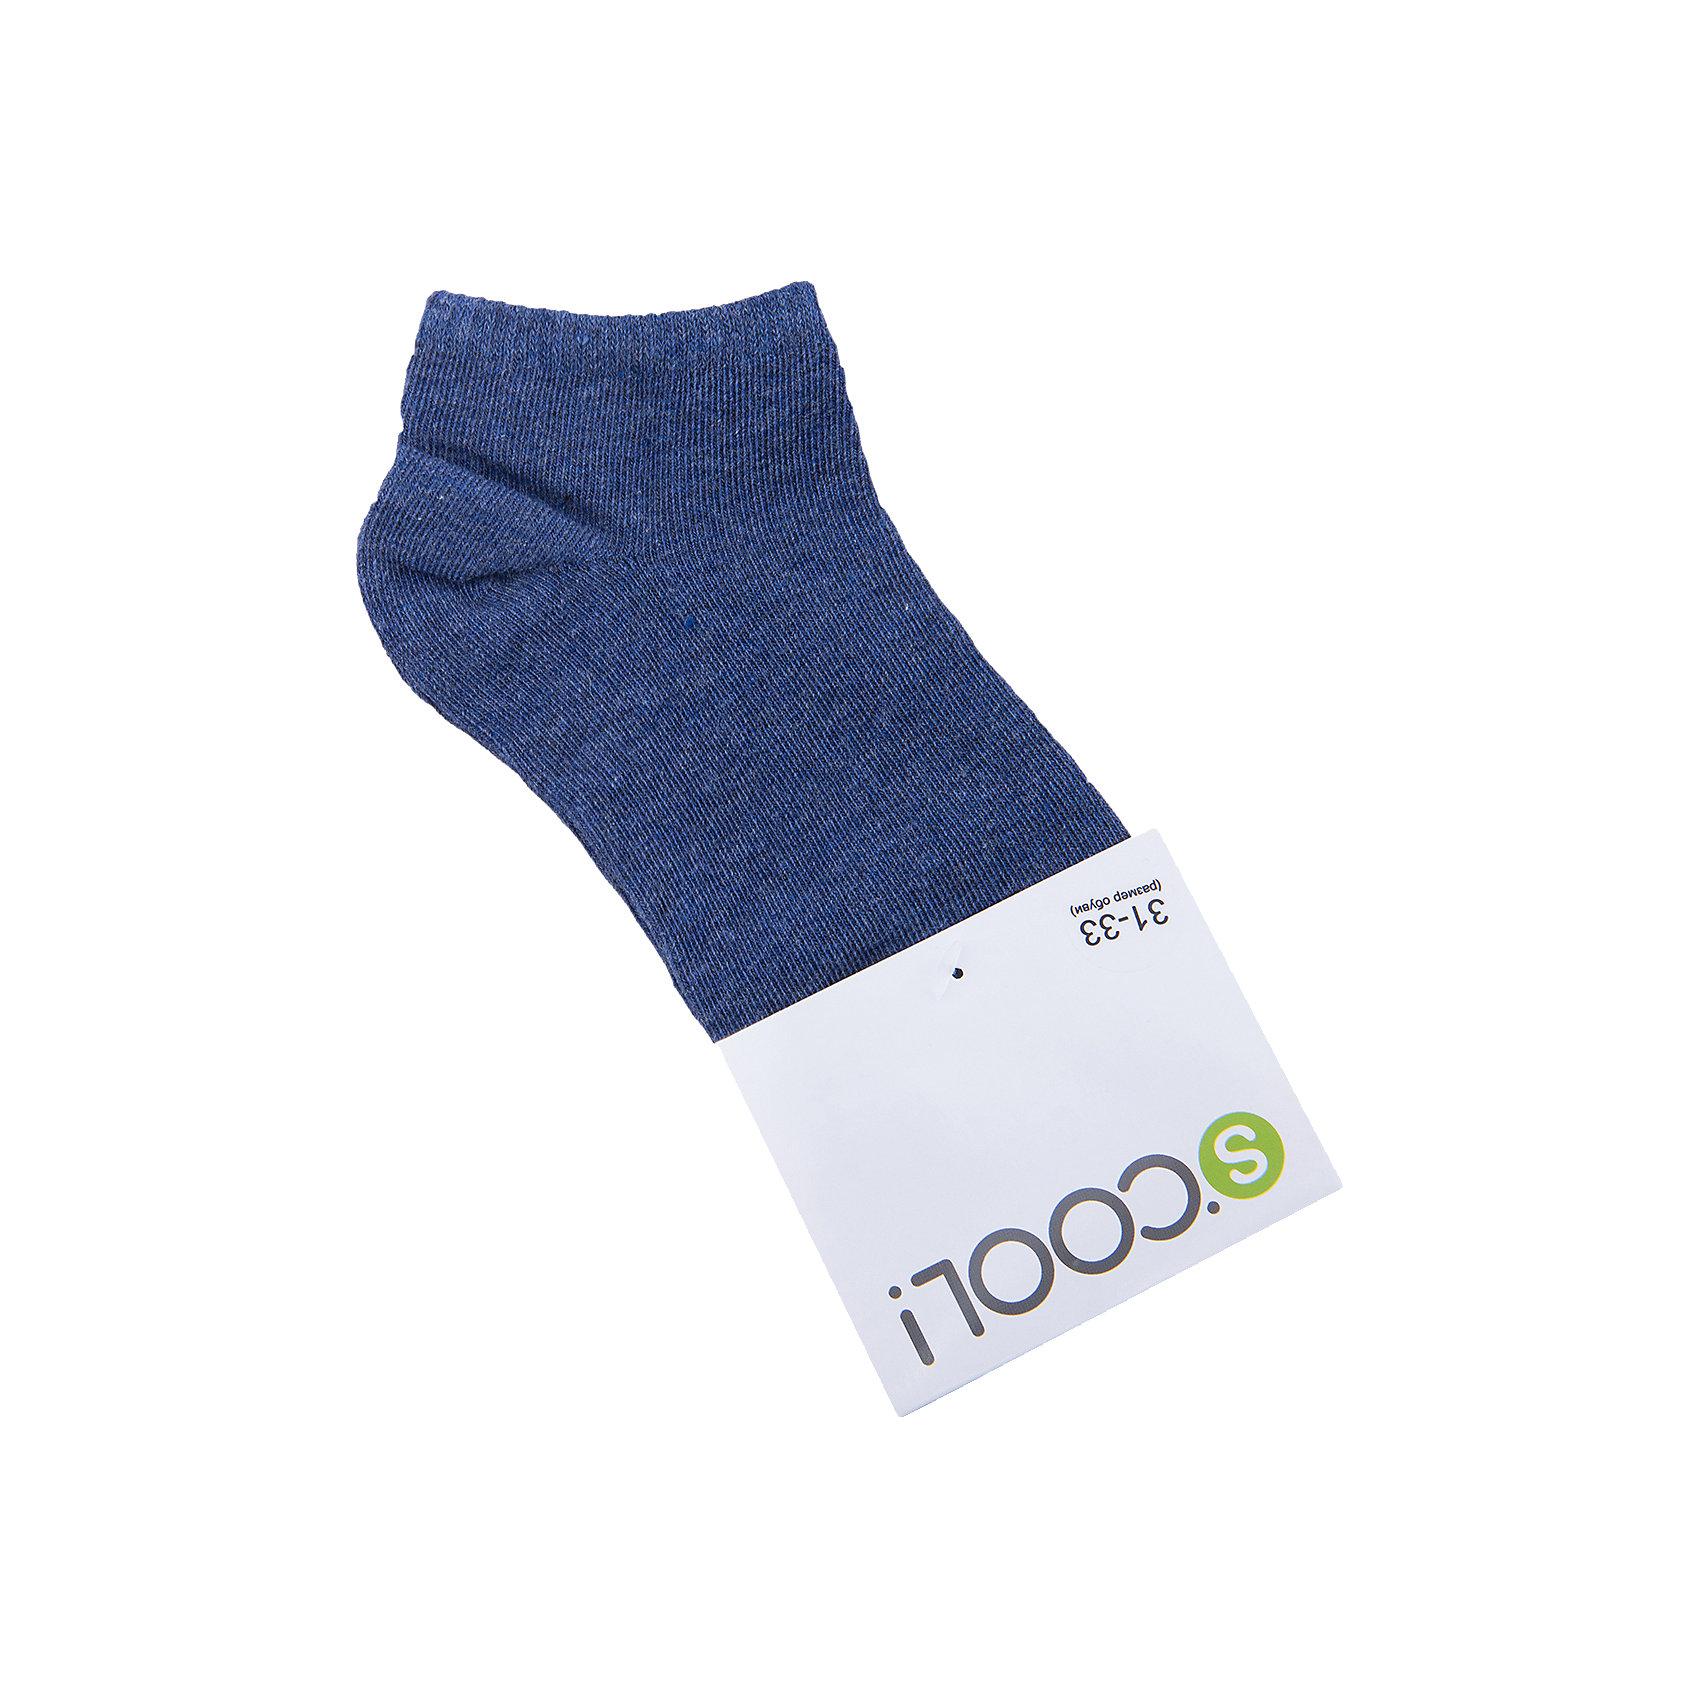 Носки для мальчика ScoolНоски<br>Характеристики товара:<br><br>• цвет: синий<br>• состав: 75% хлопок, 22% нейлон, 3% эластан<br>• короткие<br>• мягкая резинка<br>• плотно прилегают<br>• страна бренда: Германия<br>• страна производства: Китай<br><br>Однотонные носки для мальчика Scool. Короткие носки очень мягкие, из качественных материалов, приятны к телу и не сковывают движений. Хорошо пропускают воздух, тем самым позволяя коже дышать. <br><br>Носки для мальчика от известного бренда Scool можно купить в нашем интернет-магазине.<br><br>Ширина мм: 87<br>Глубина мм: 10<br>Высота мм: 105<br>Вес г: 115<br>Цвет: темно-синий<br>Возраст от месяцев: 108<br>Возраст до месяцев: 144<br>Пол: Мужской<br>Возраст: Детский<br>Размер: 24,22,20<br>SKU: 5406778